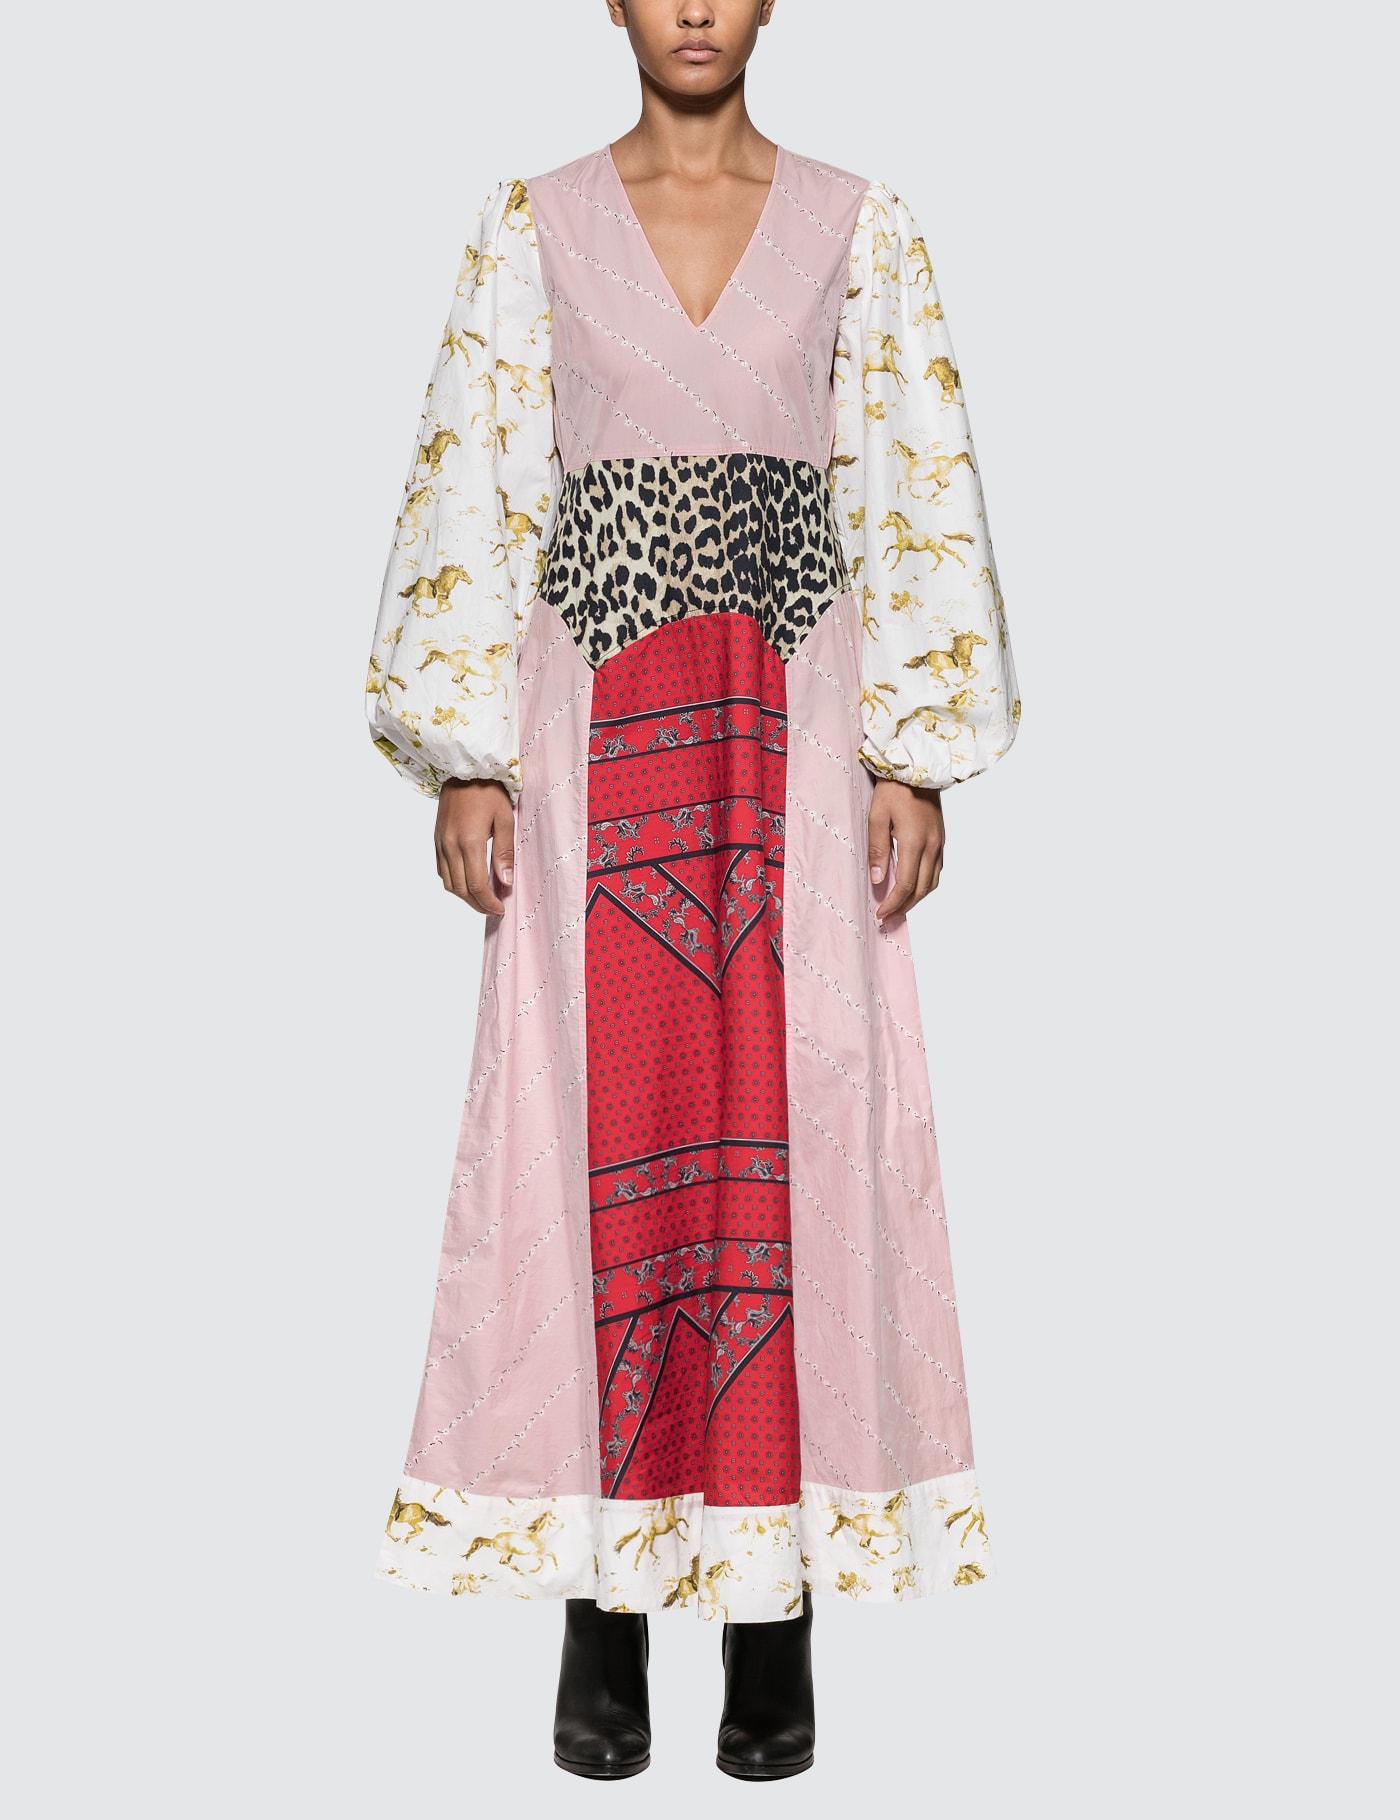 Sweeny Patchwork Dress